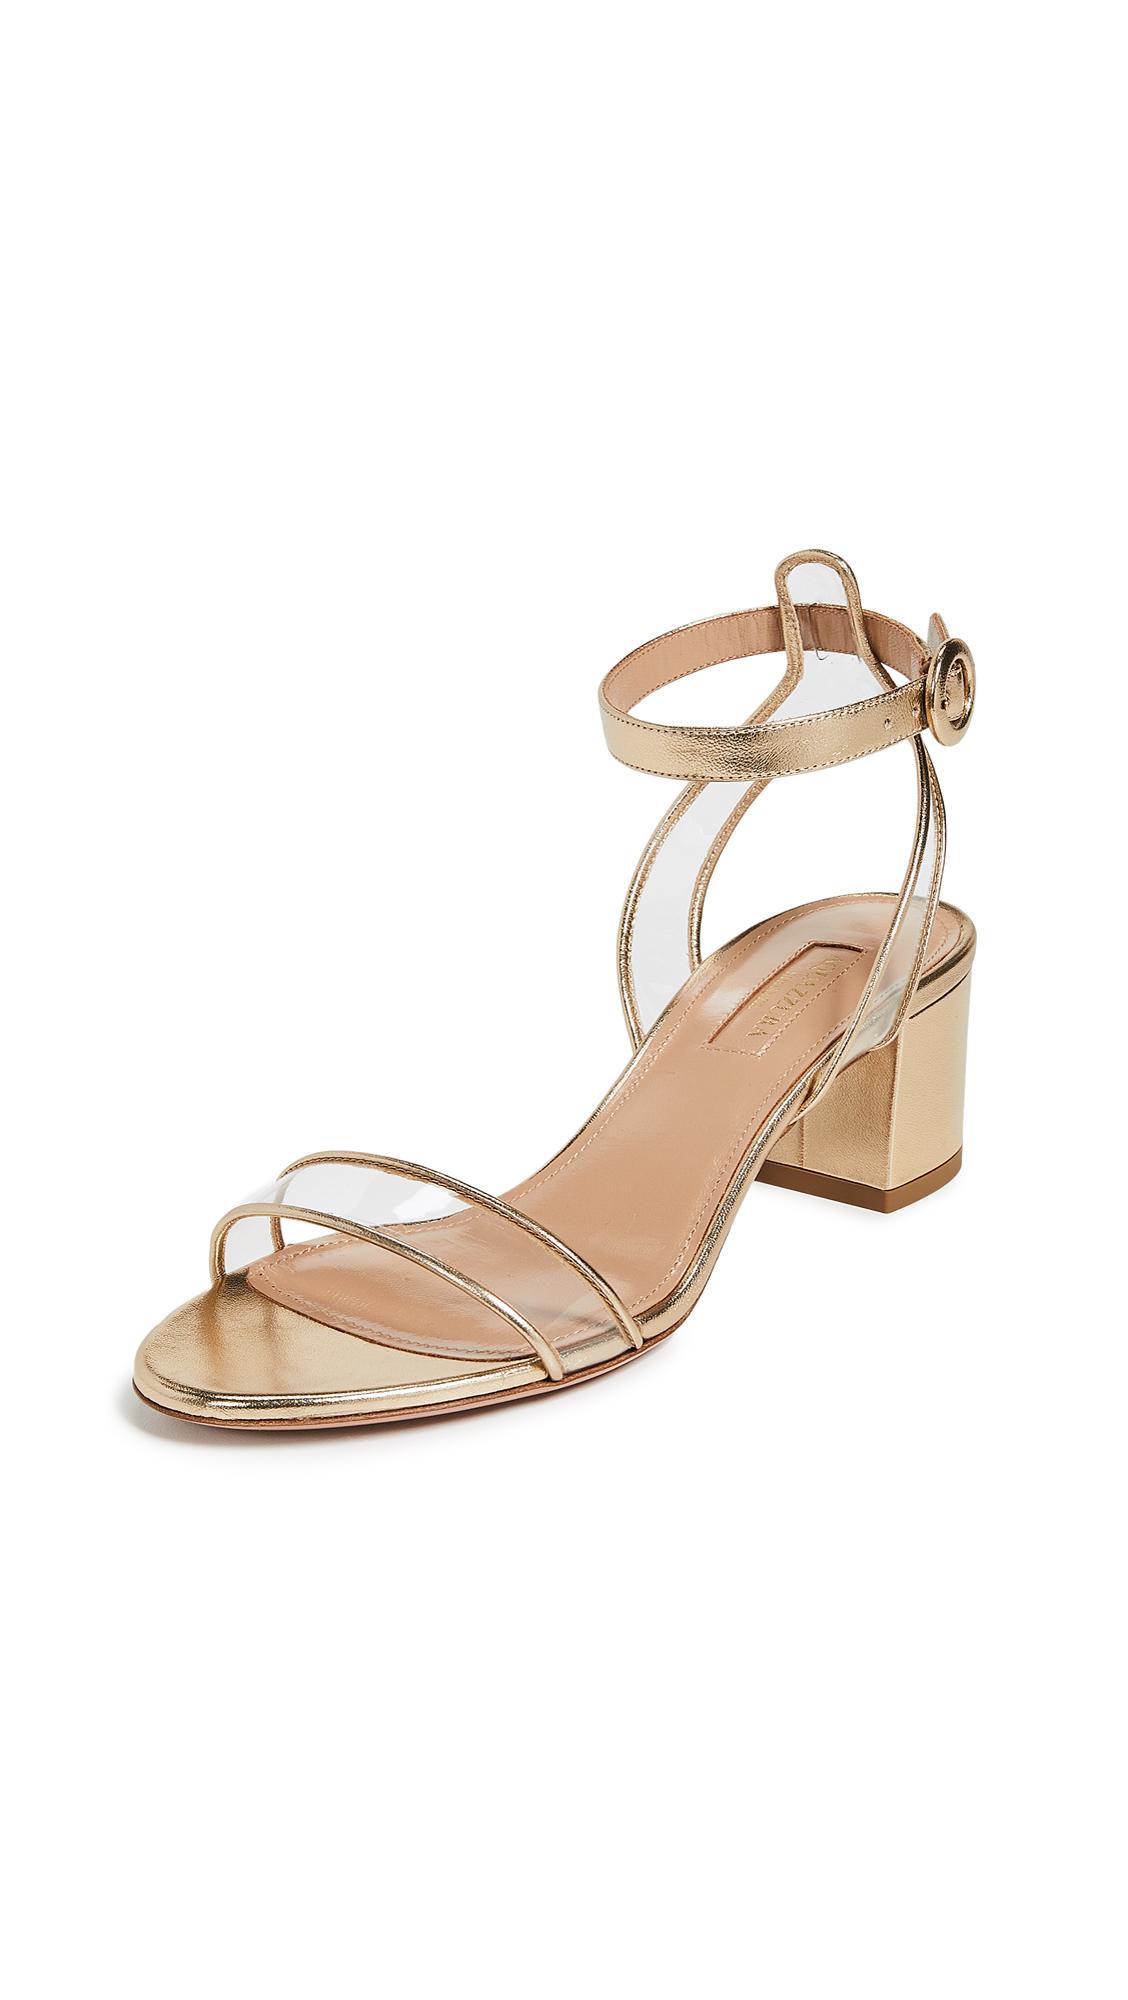 Aquazzura Minimalist 50 Sandals - Soft Gold